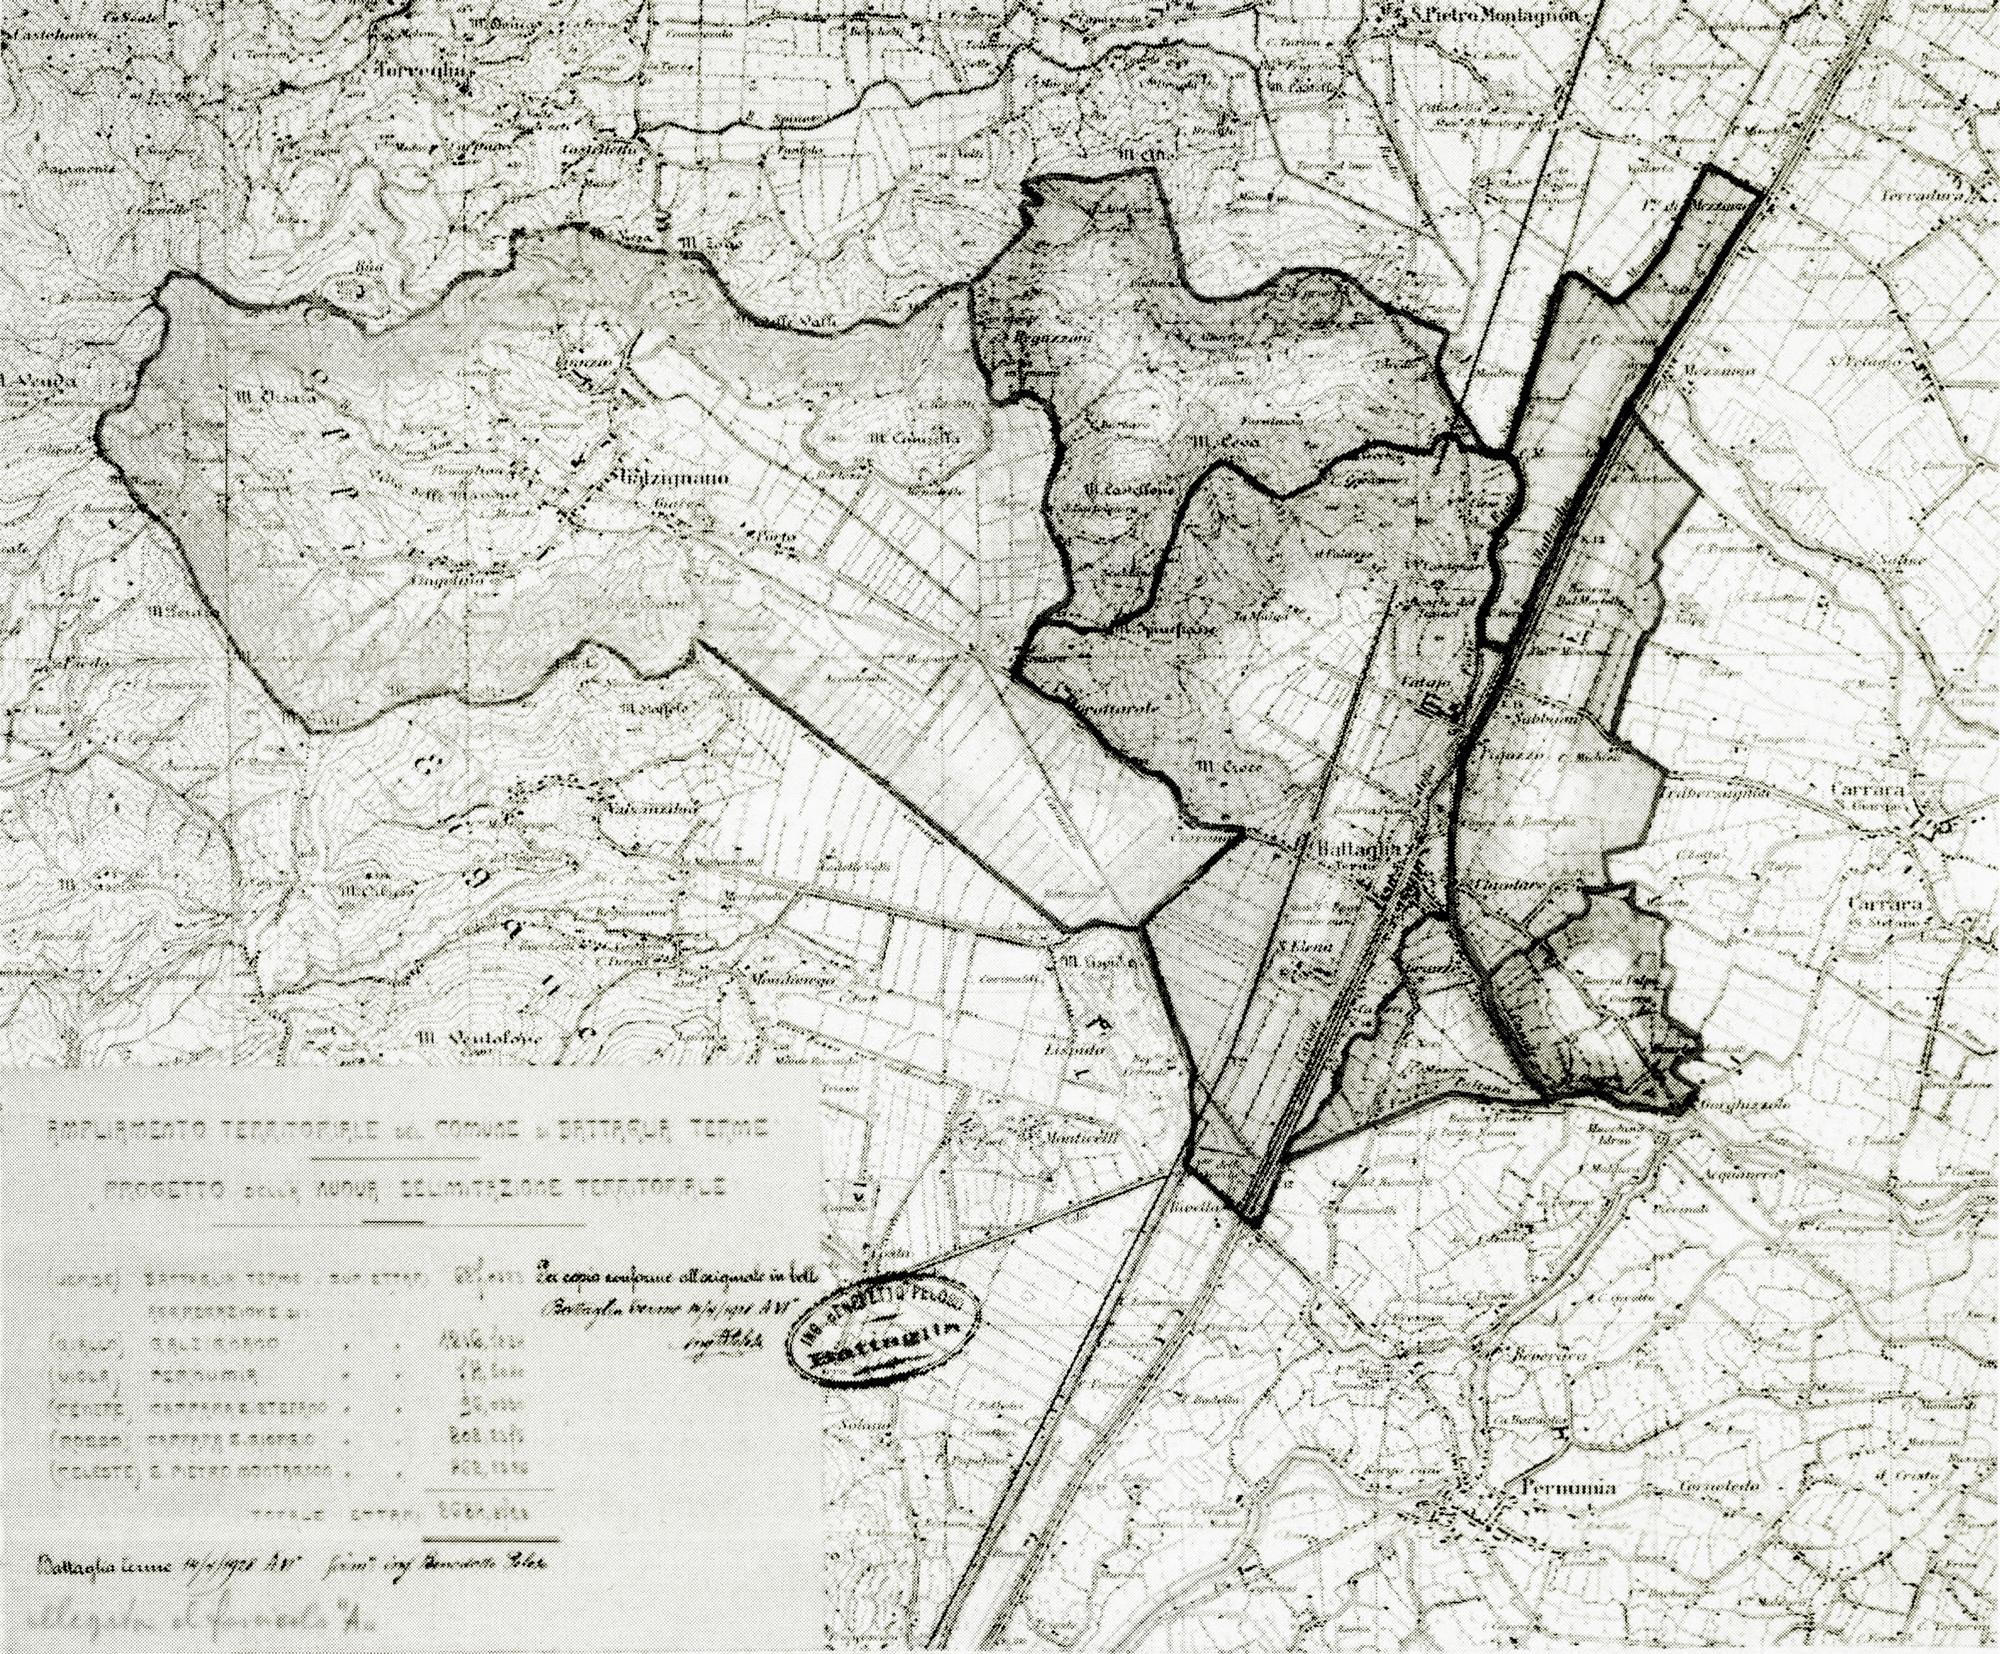 Planimetria riguardante il primo Piano di ampliamento territoriale di Battaglia (Pd).